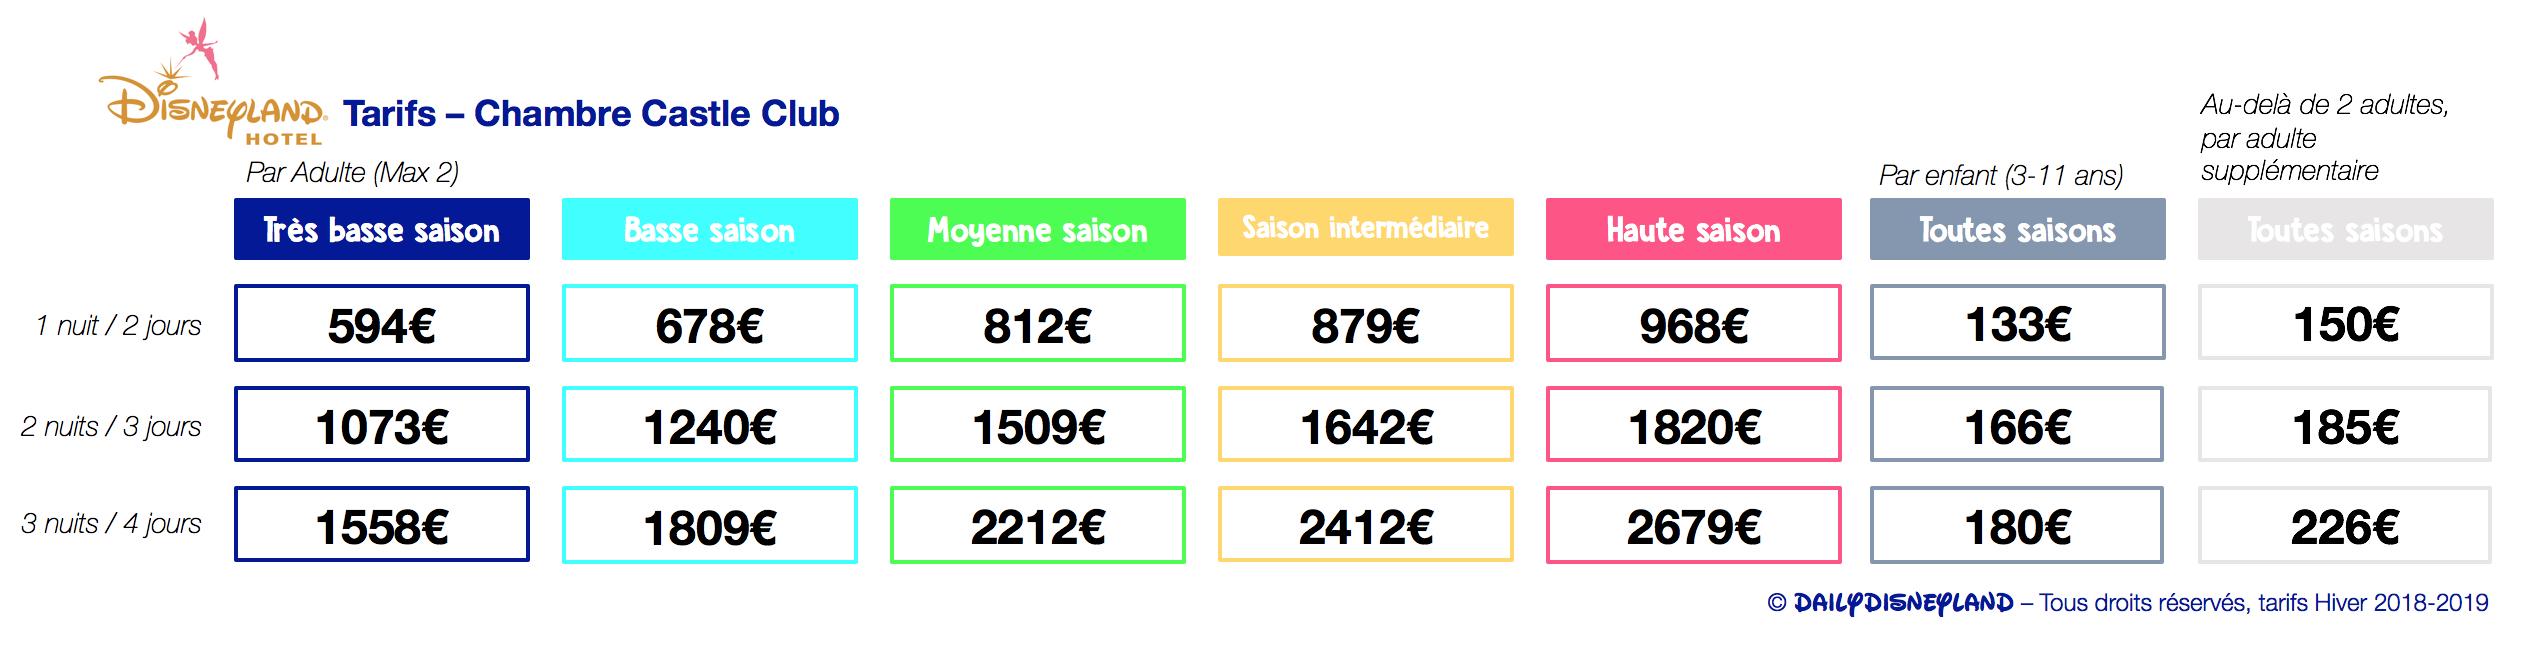 calendrier tarifs disneyland paris dates pas cheres disney pas cher hiver 2018 2019